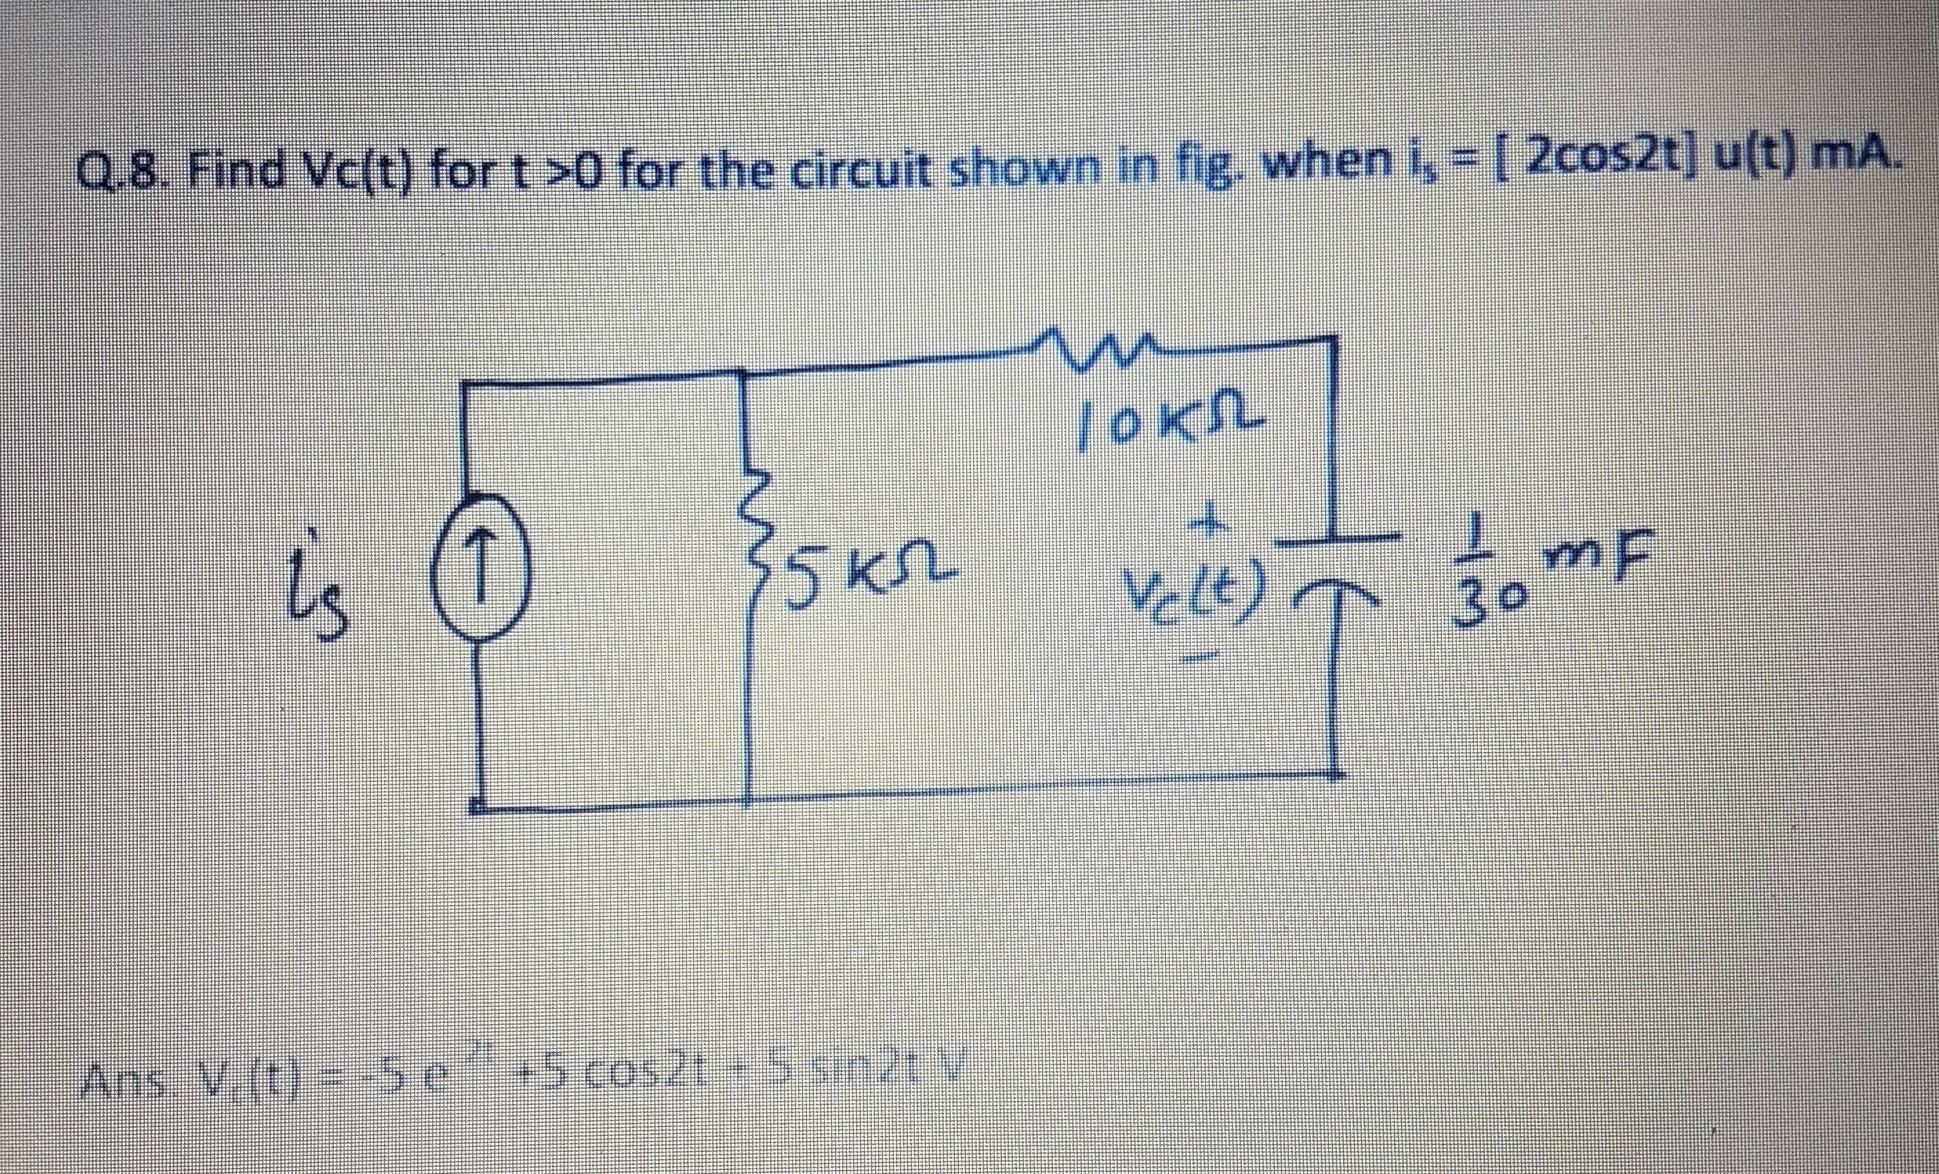 Basic Rc Circuit